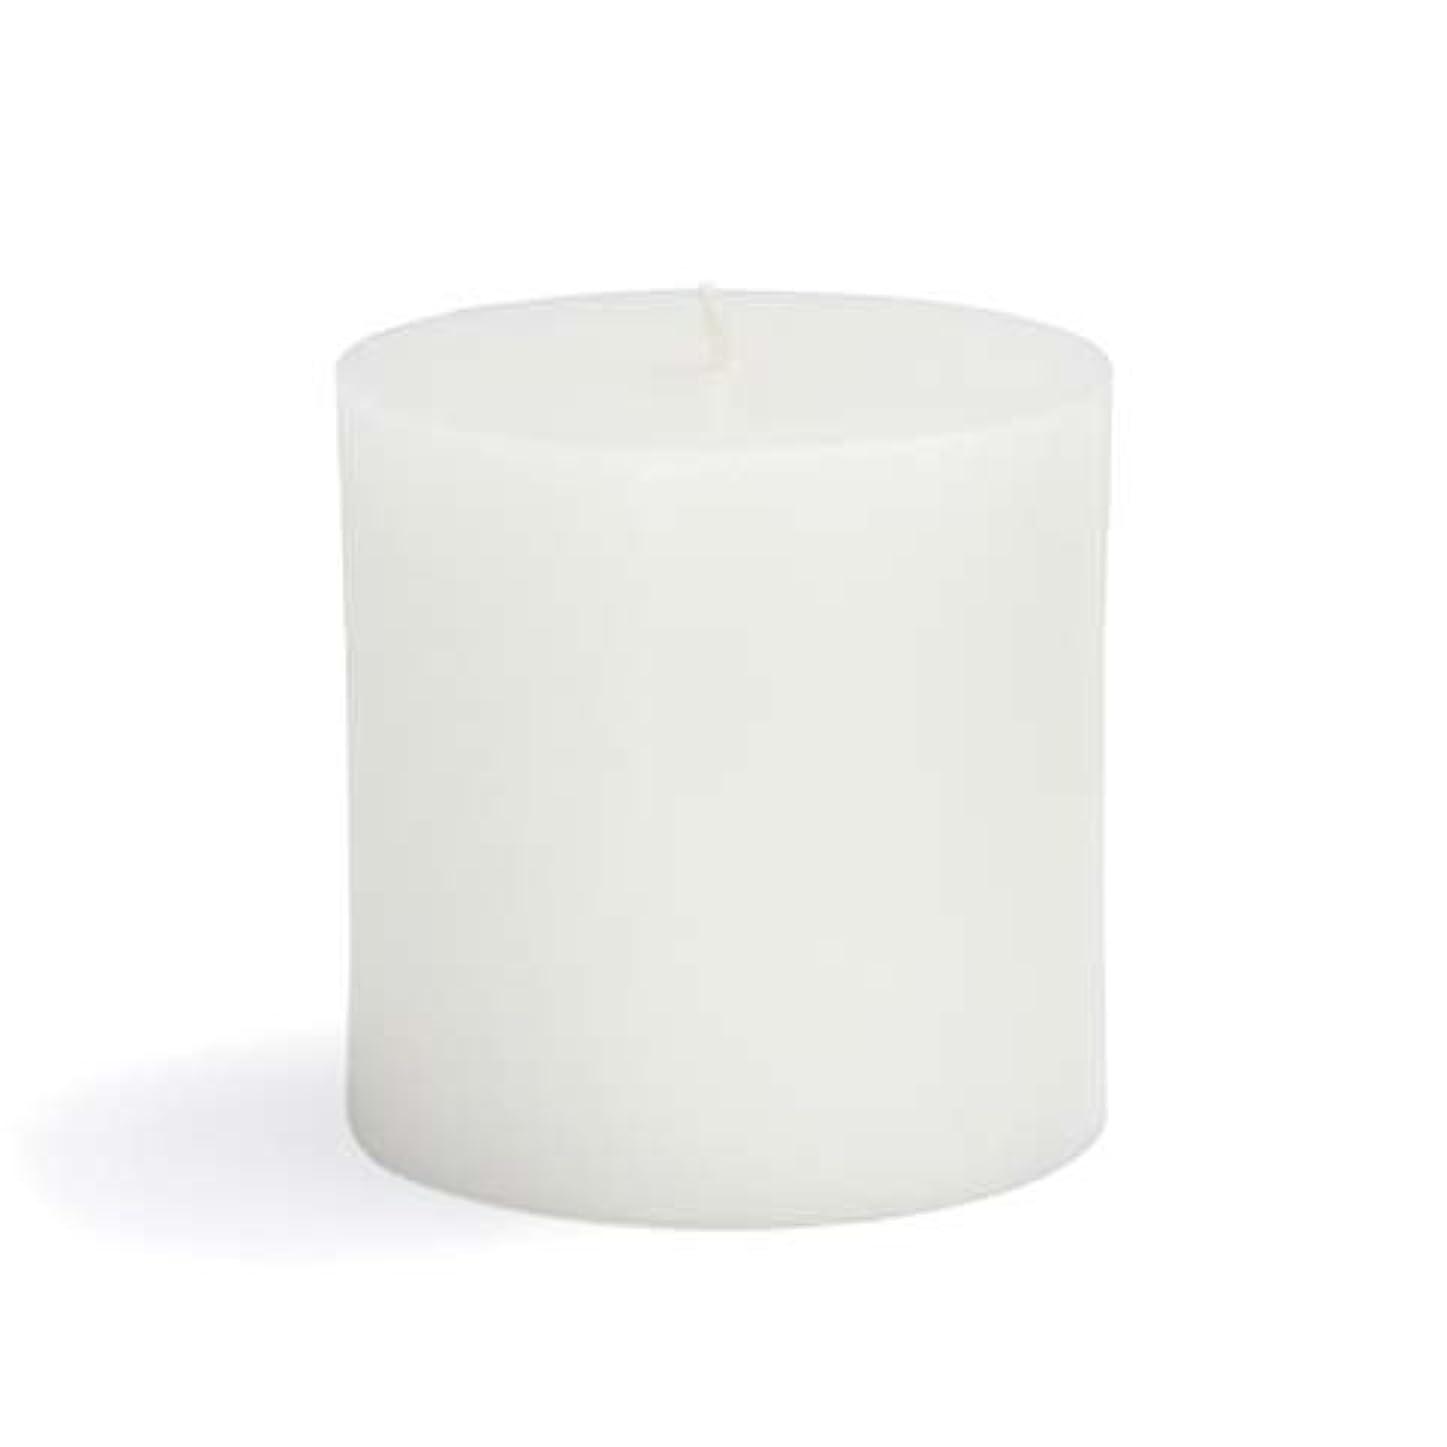 バスト端末くるみZest Candle CPZ-071-12 3 x 3 in. White Pillar Candles -12pcs-Case- Bulk